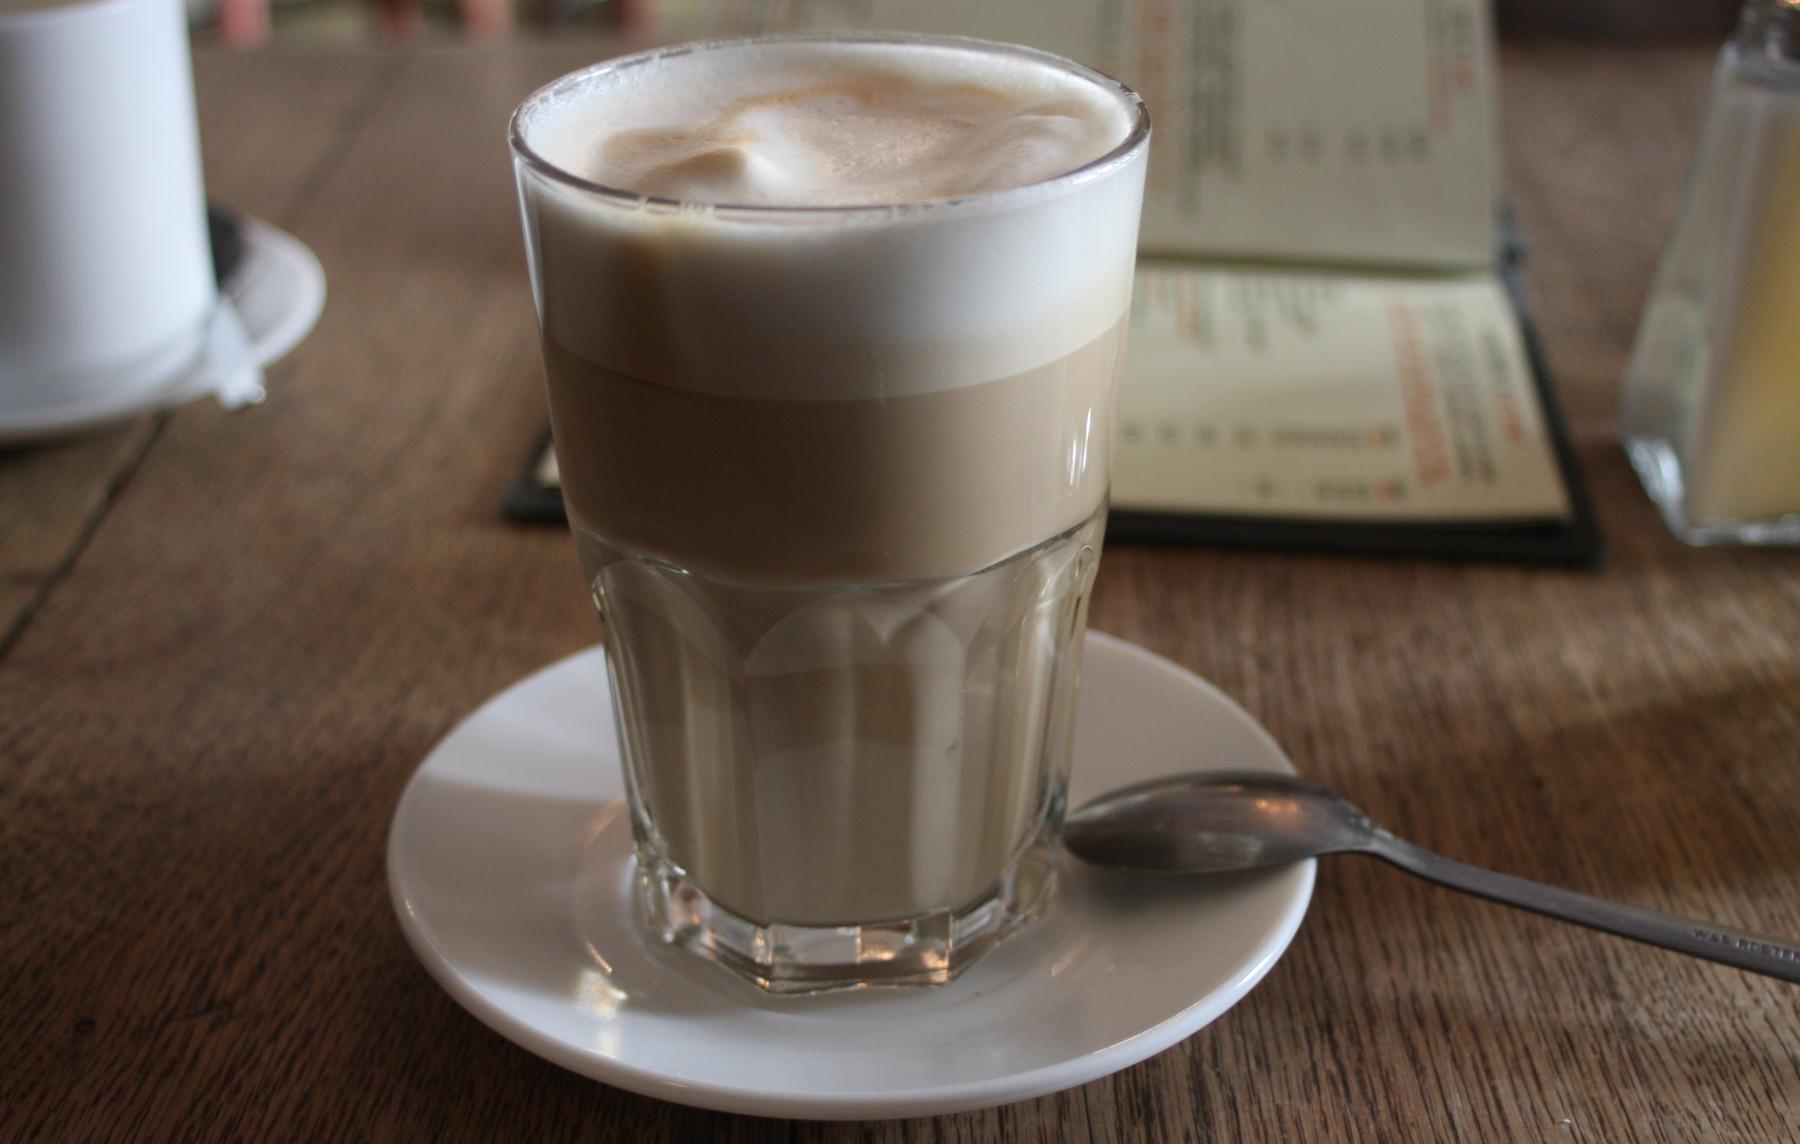 fruehstueckskaffee: latte